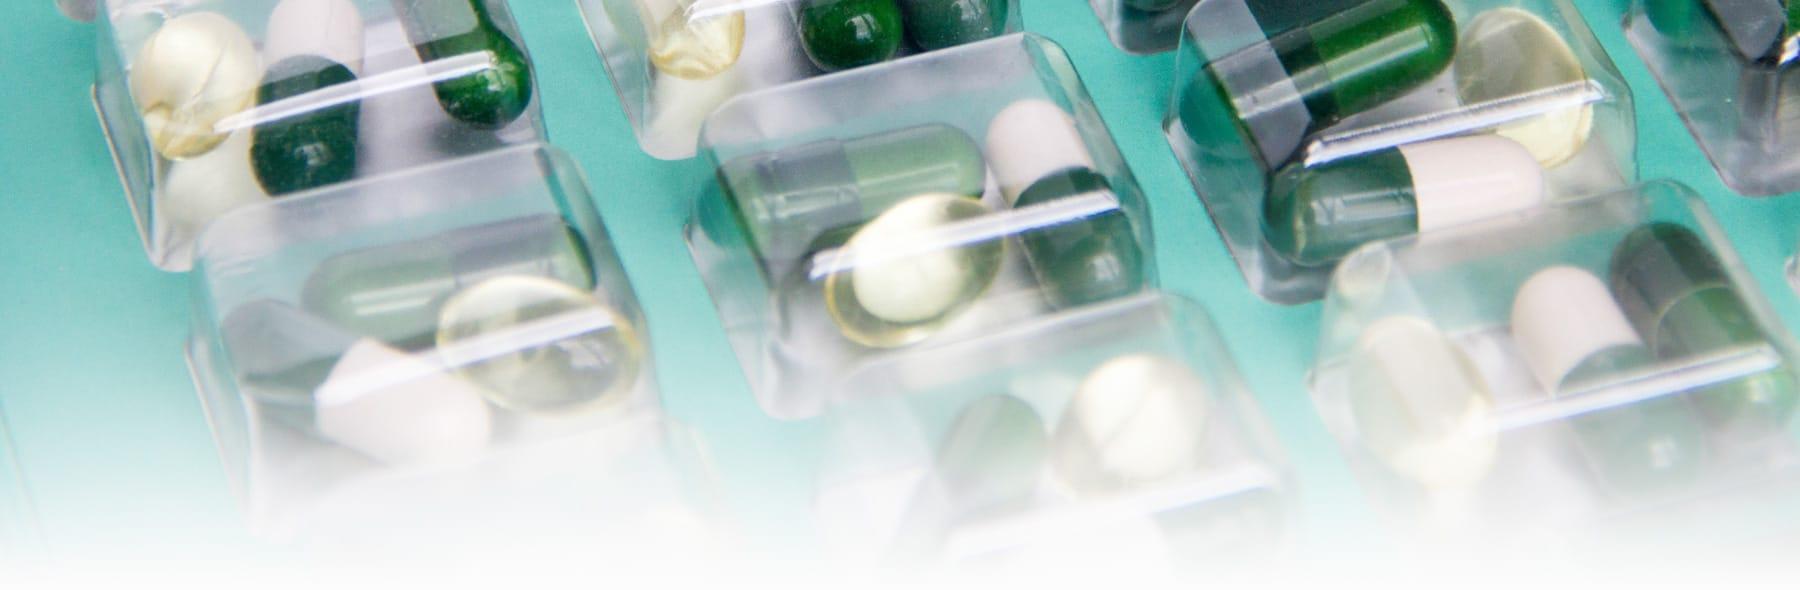 lyme disease medication